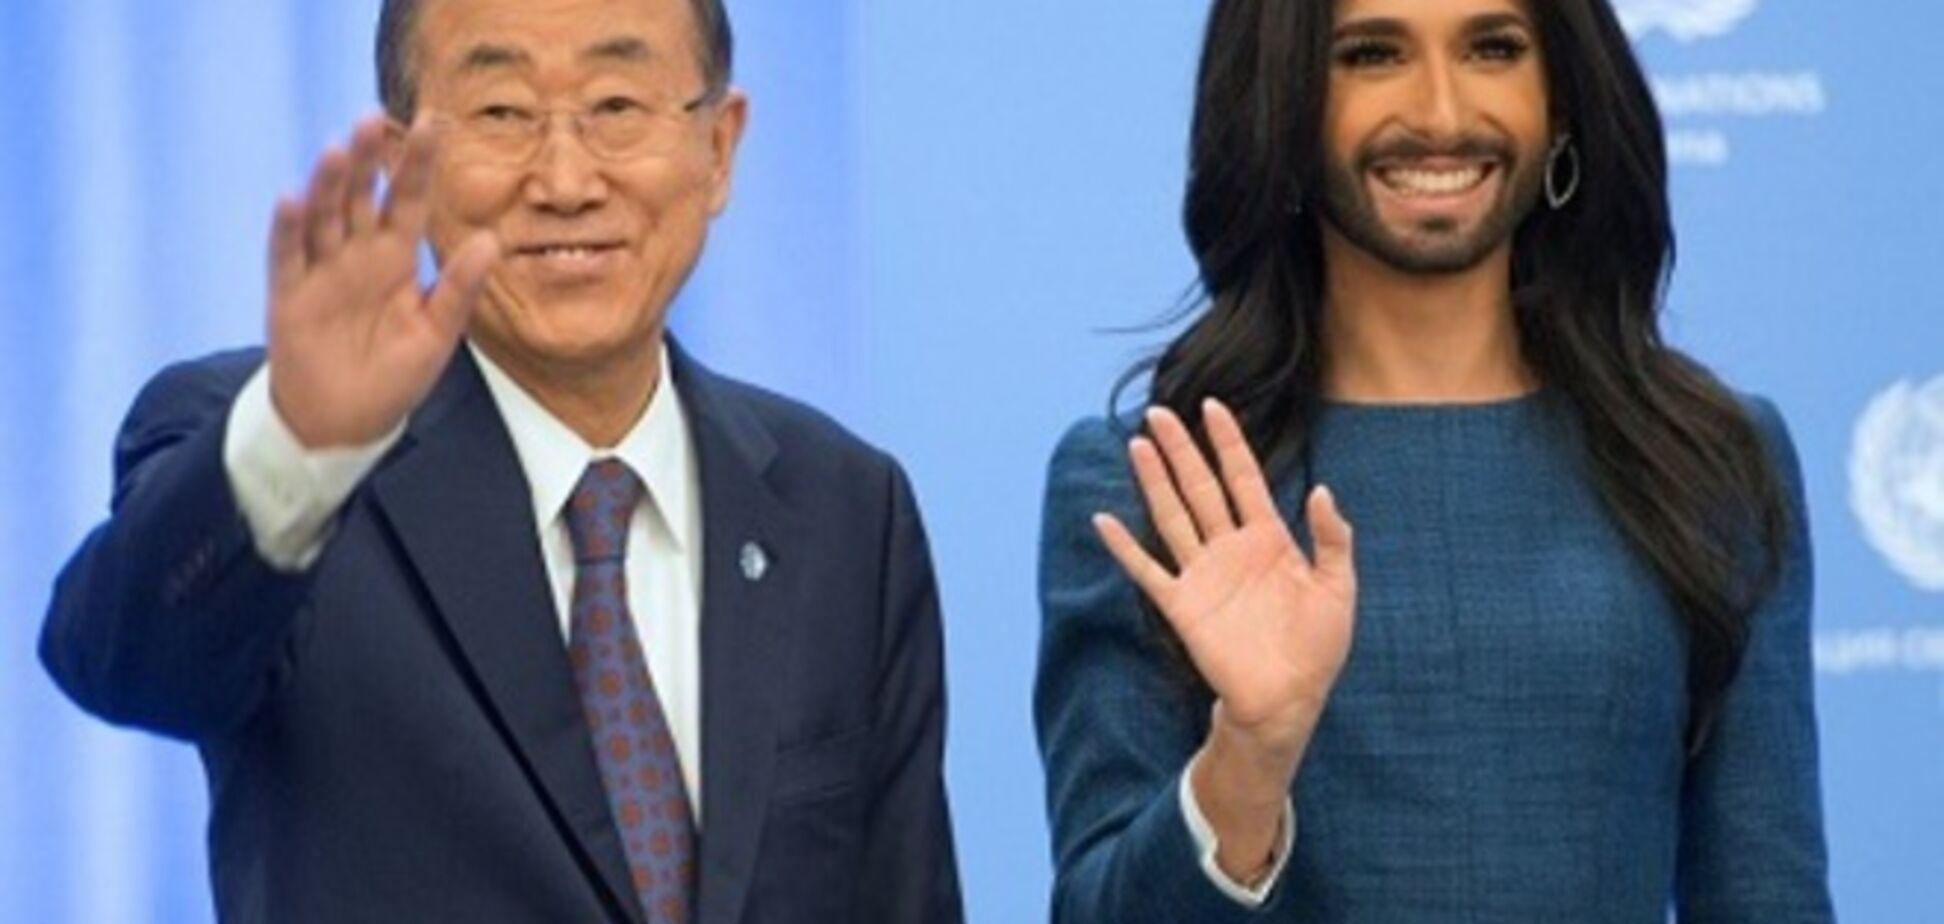 Победительница 'Евровидения 2014' Кончита Вурст спела для генсека ООН